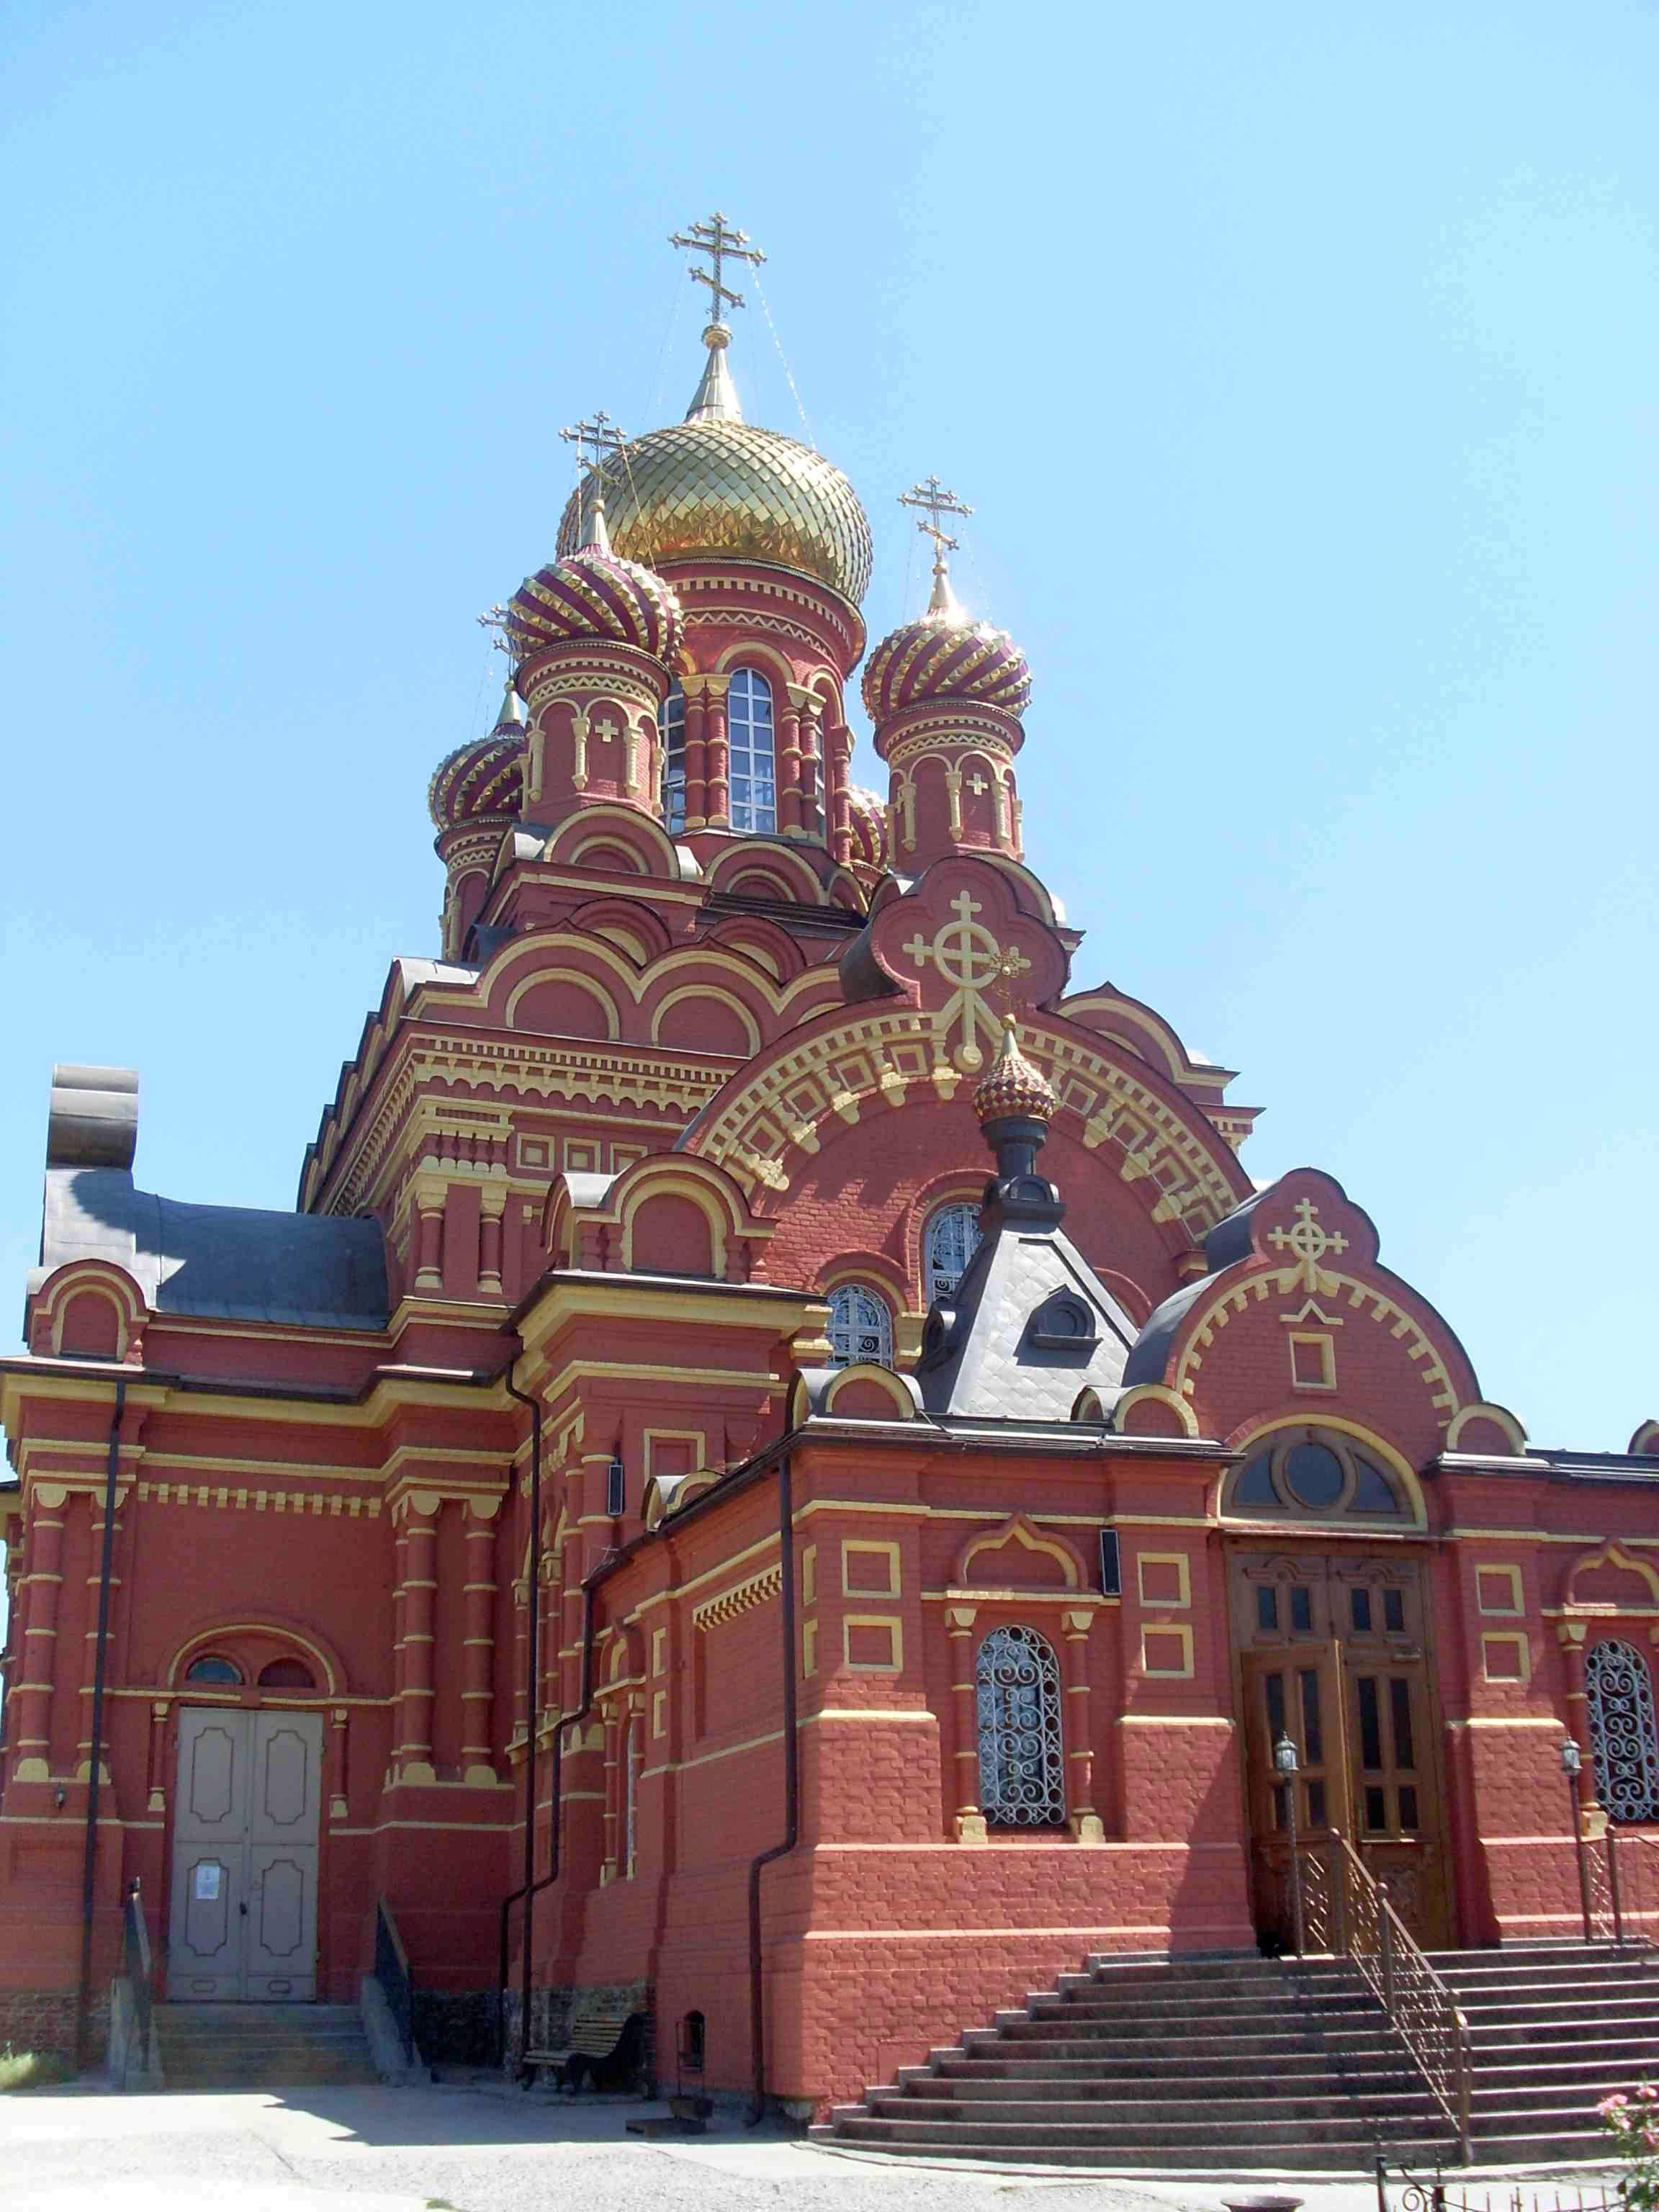 Город Астрахань. Архитектурные достопримечательности.